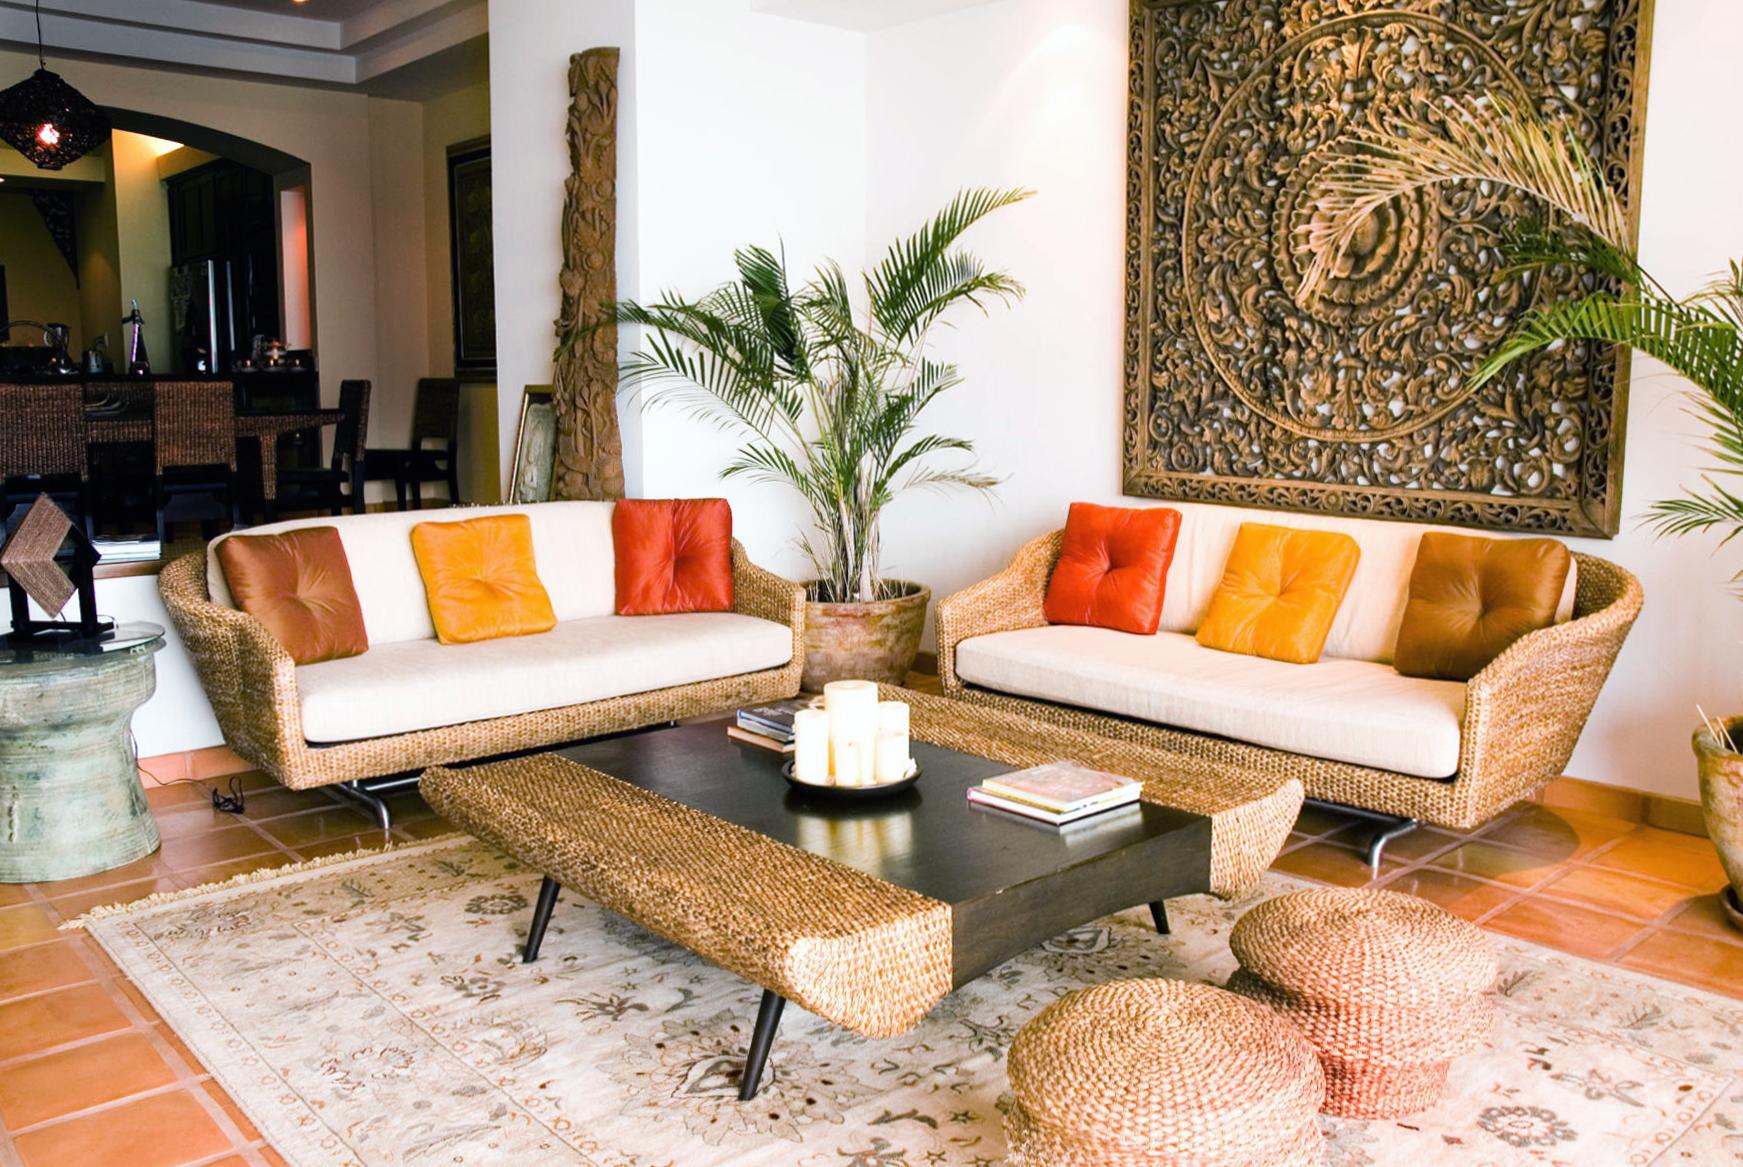 мебель в интерьере в классическом стиле